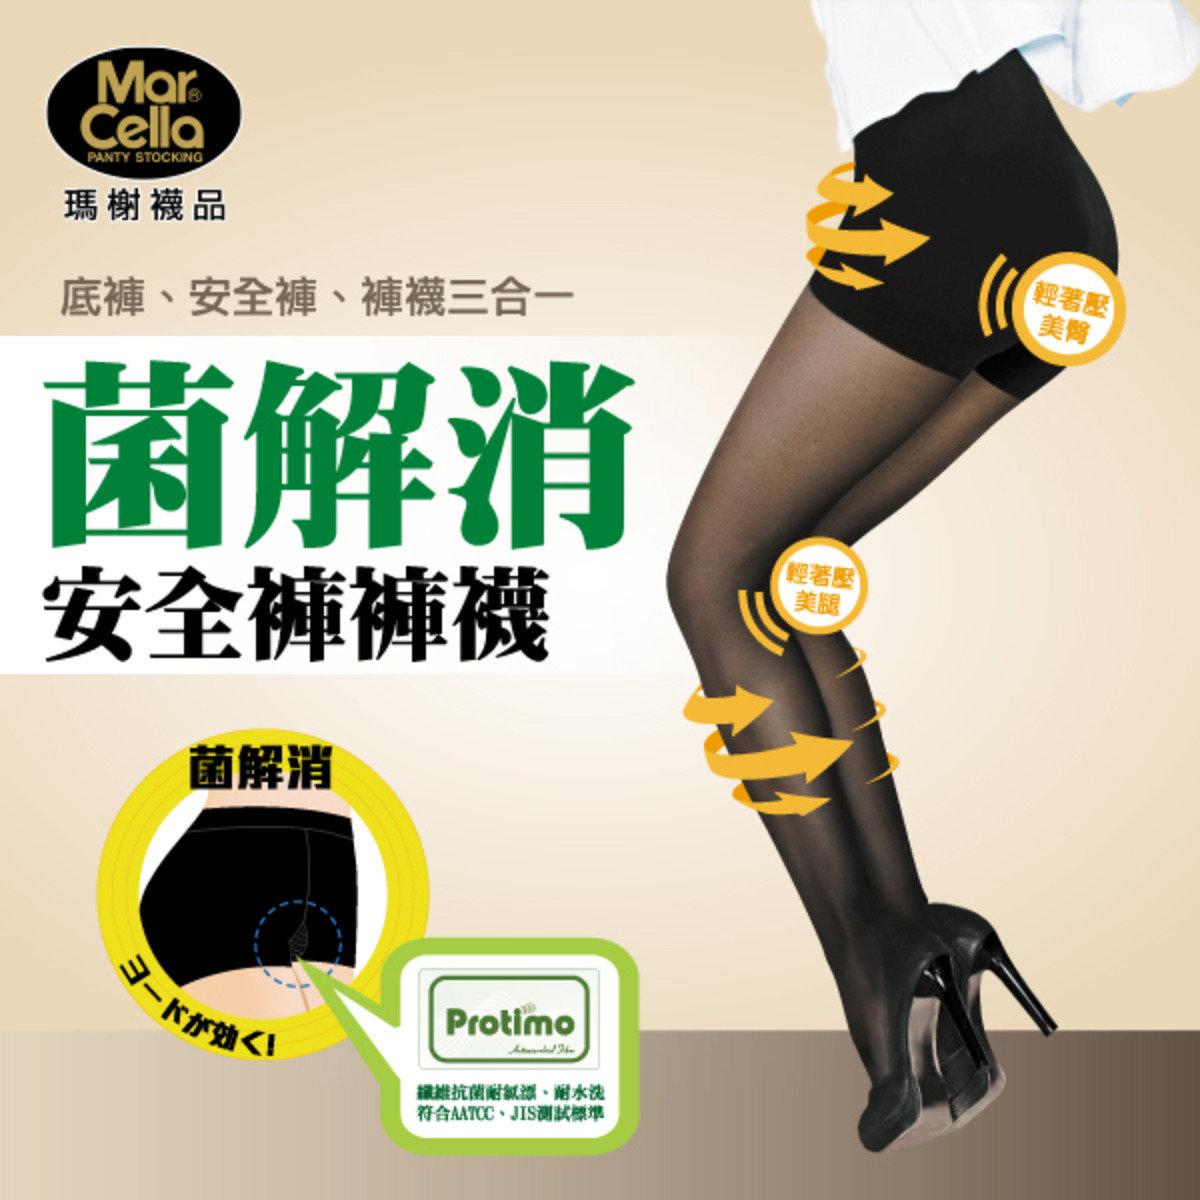 安全褲型褲襪 - 底褲、安全褲、褲襪三合一 (膚色)